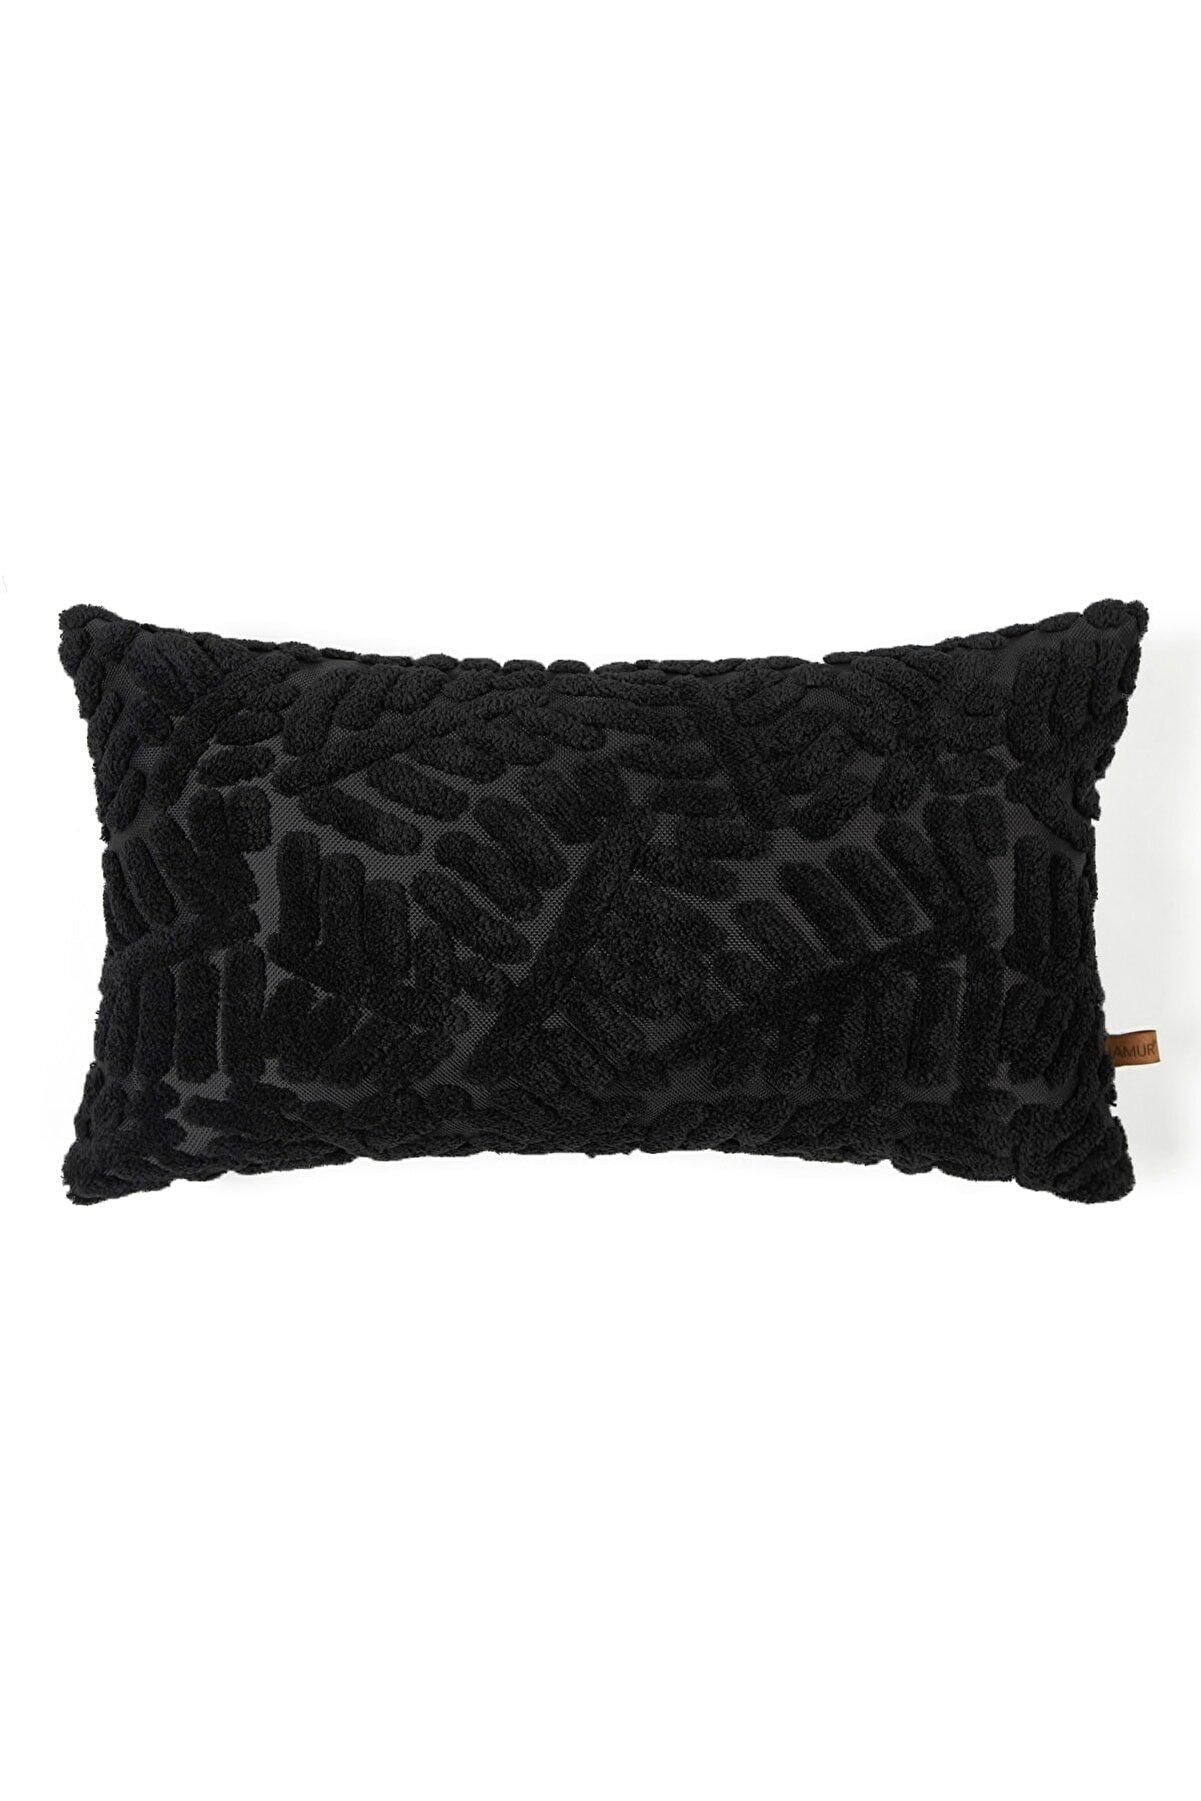 Hamur Bohem Özel Tasarım Punch Panç Desen Dikdörtgen Dekoratif Kırlent Kılıfı Forest Siyah